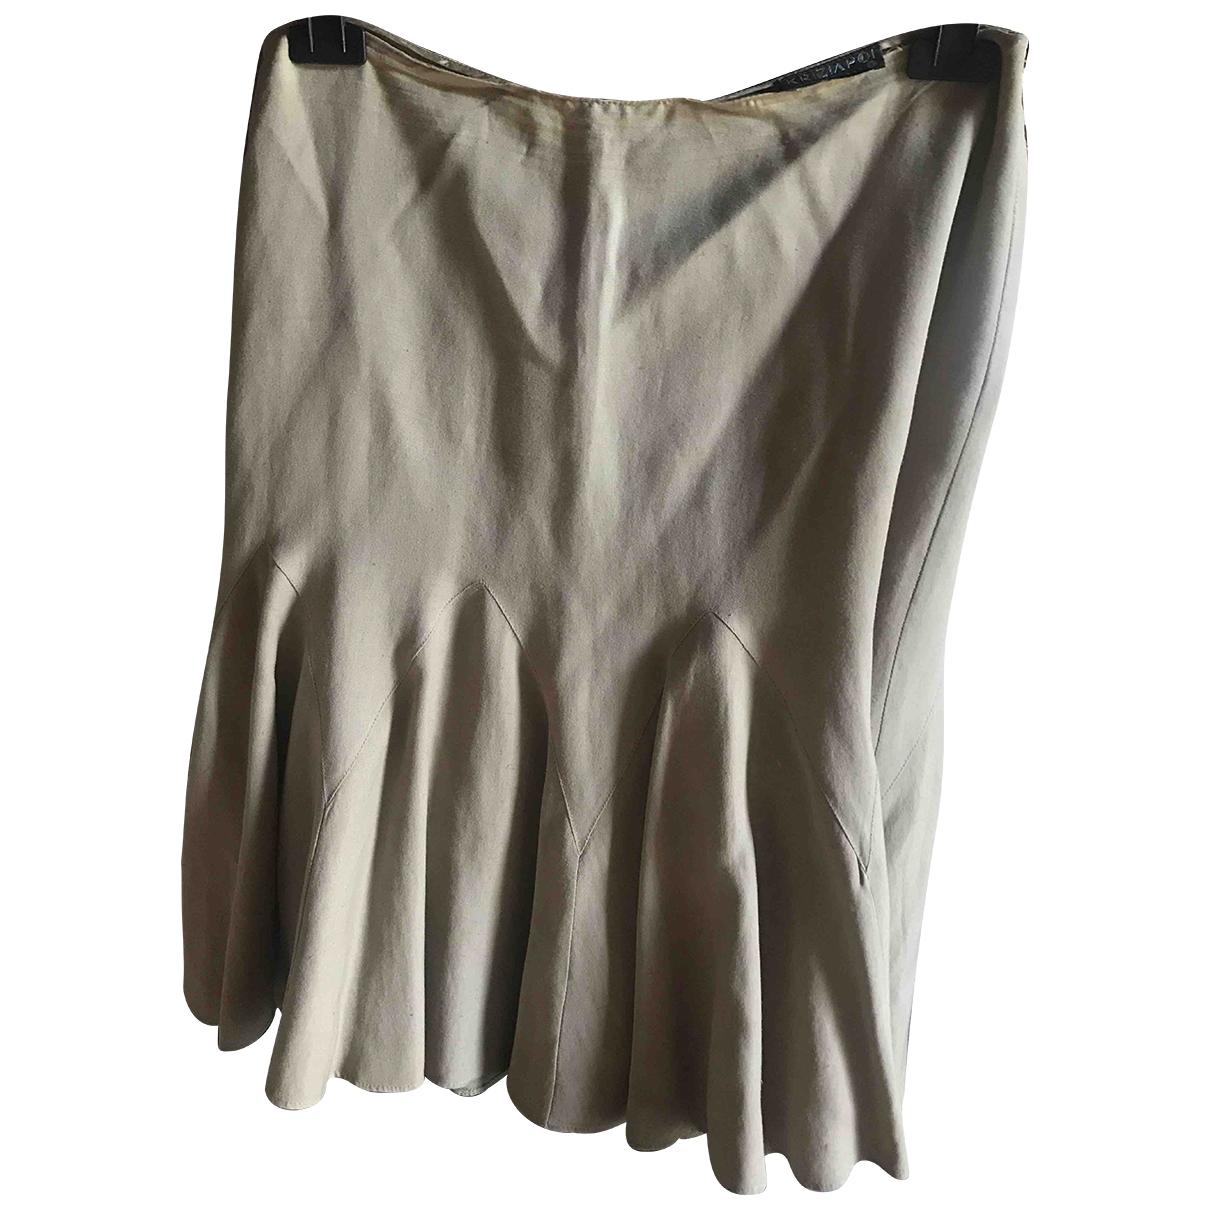 Krizia \N Beige skirt for Women 46 IT